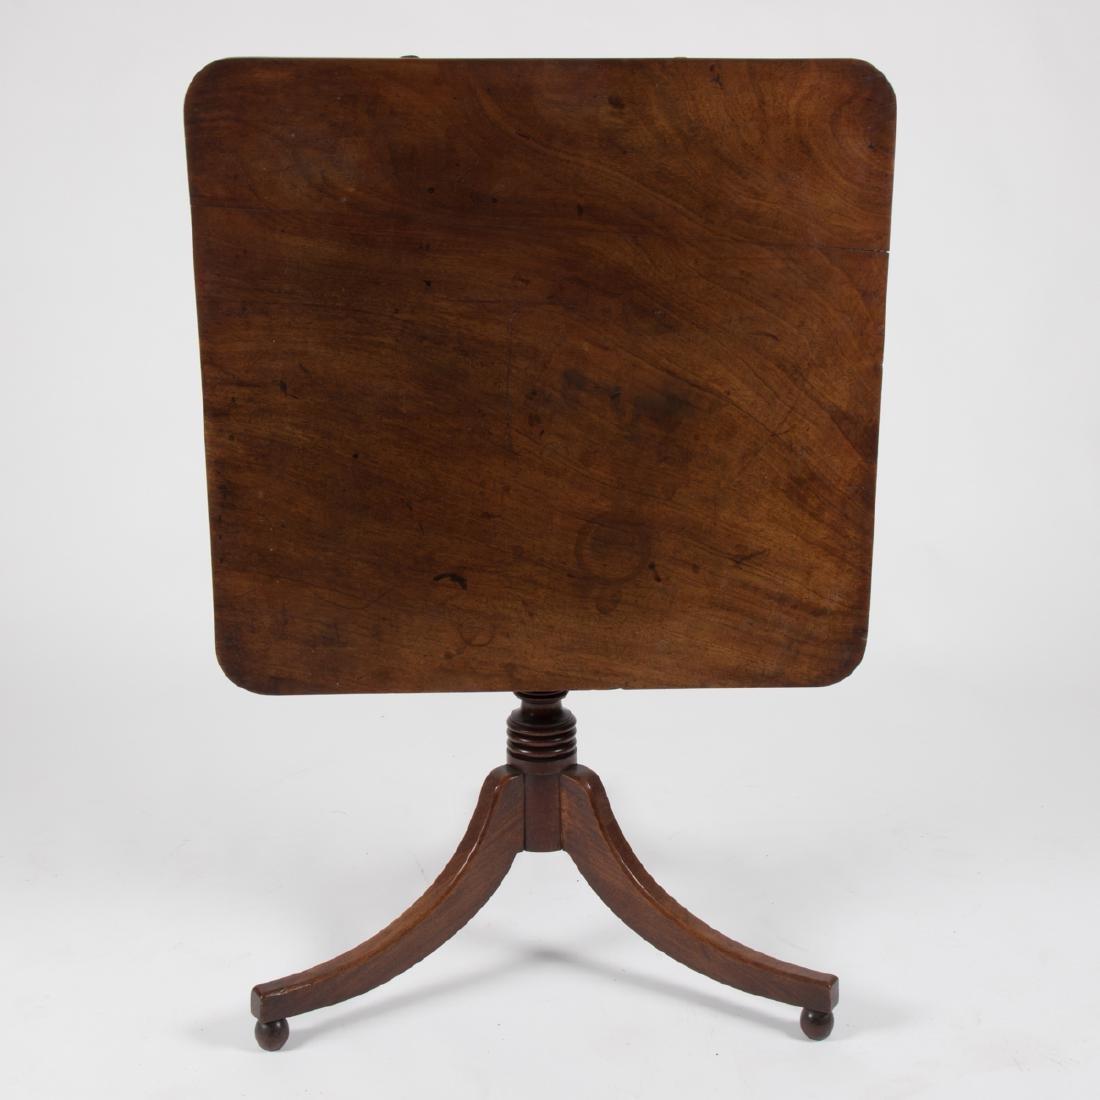 An American Federal Mahogany Tilt Top Table, ca. 1800, - 2